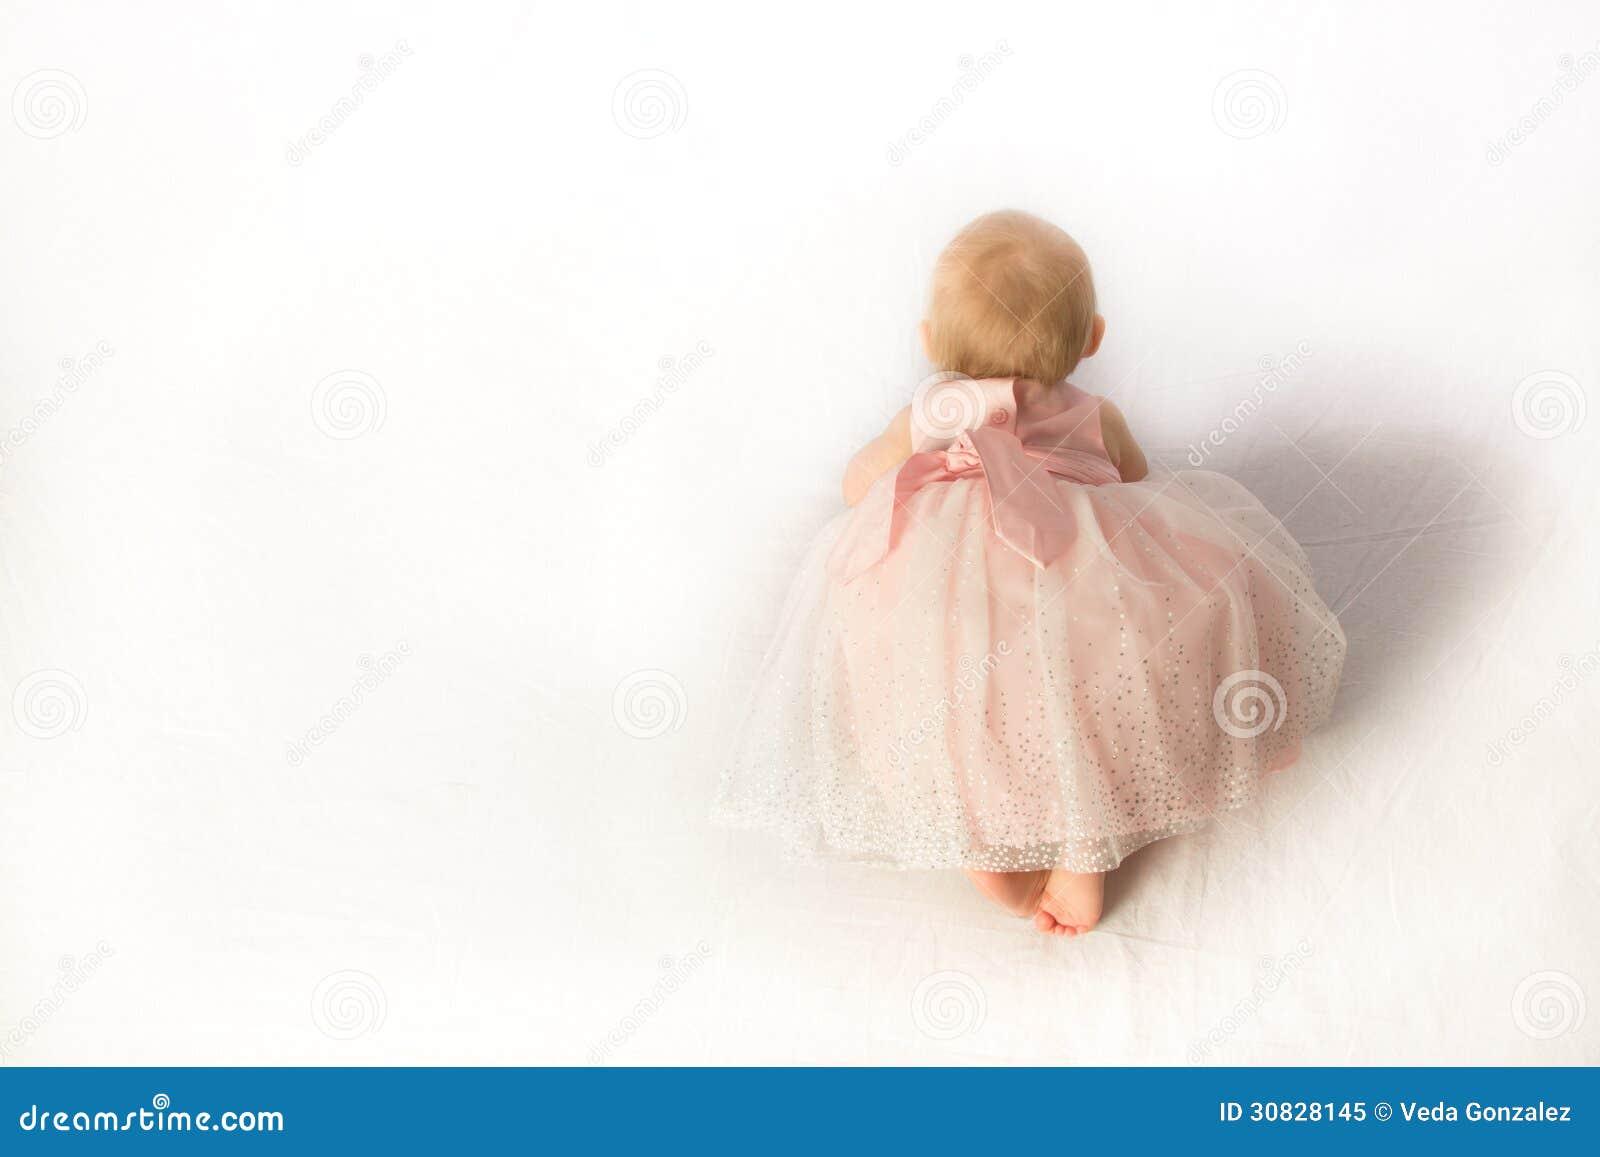 Una neonata strisciante in abito da sera con tanti fronzoli rosa